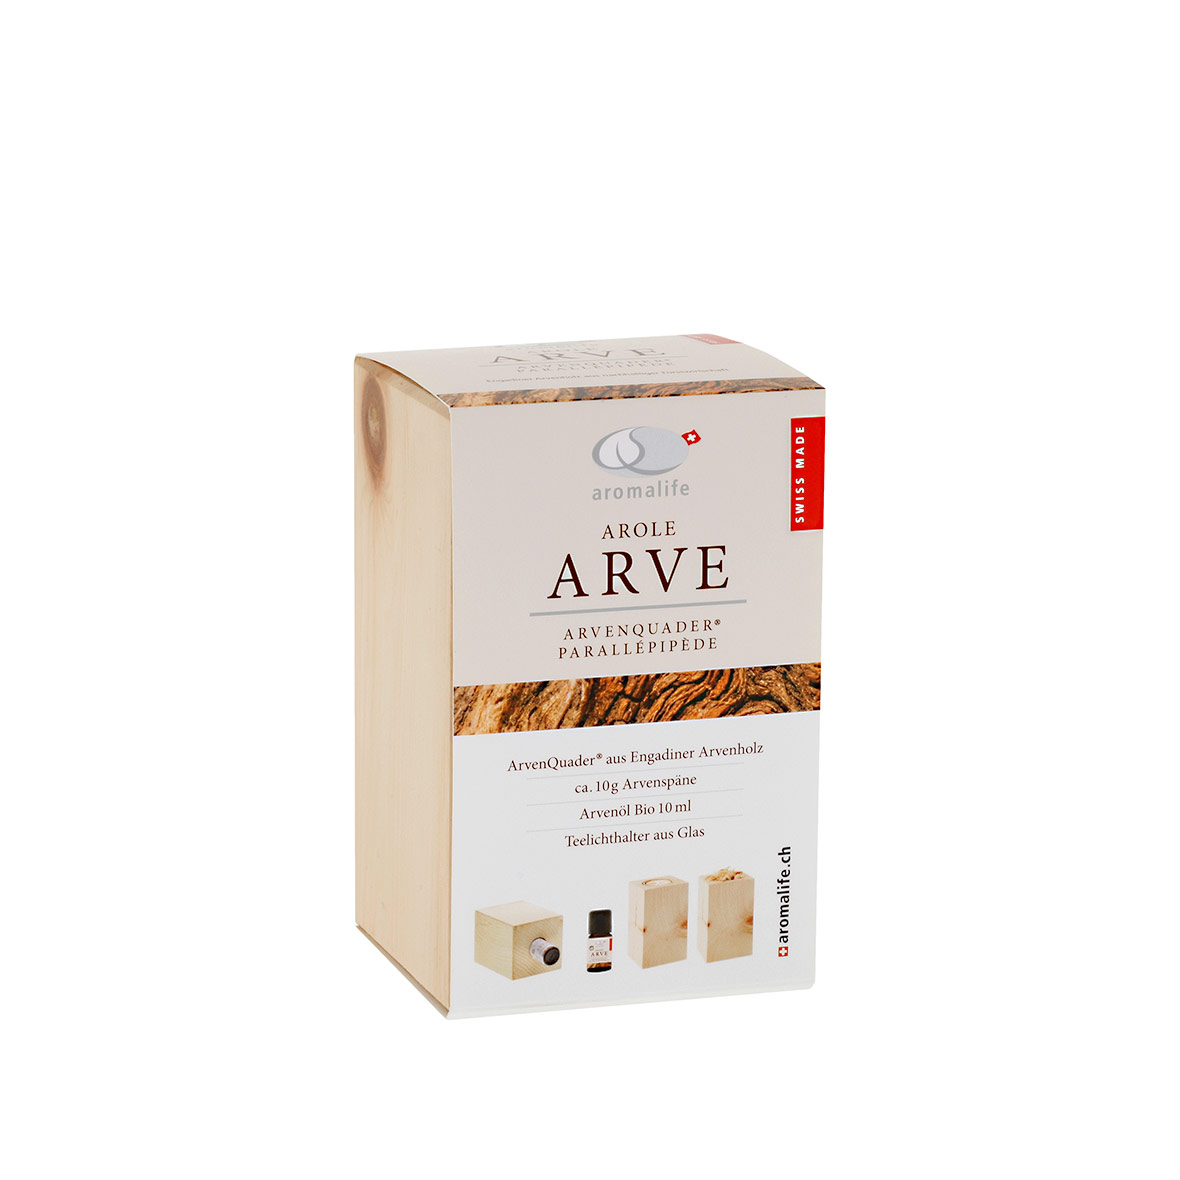 Arvenquader mit ätherischem Bio-Arvenöl von Aromalife, verpackt